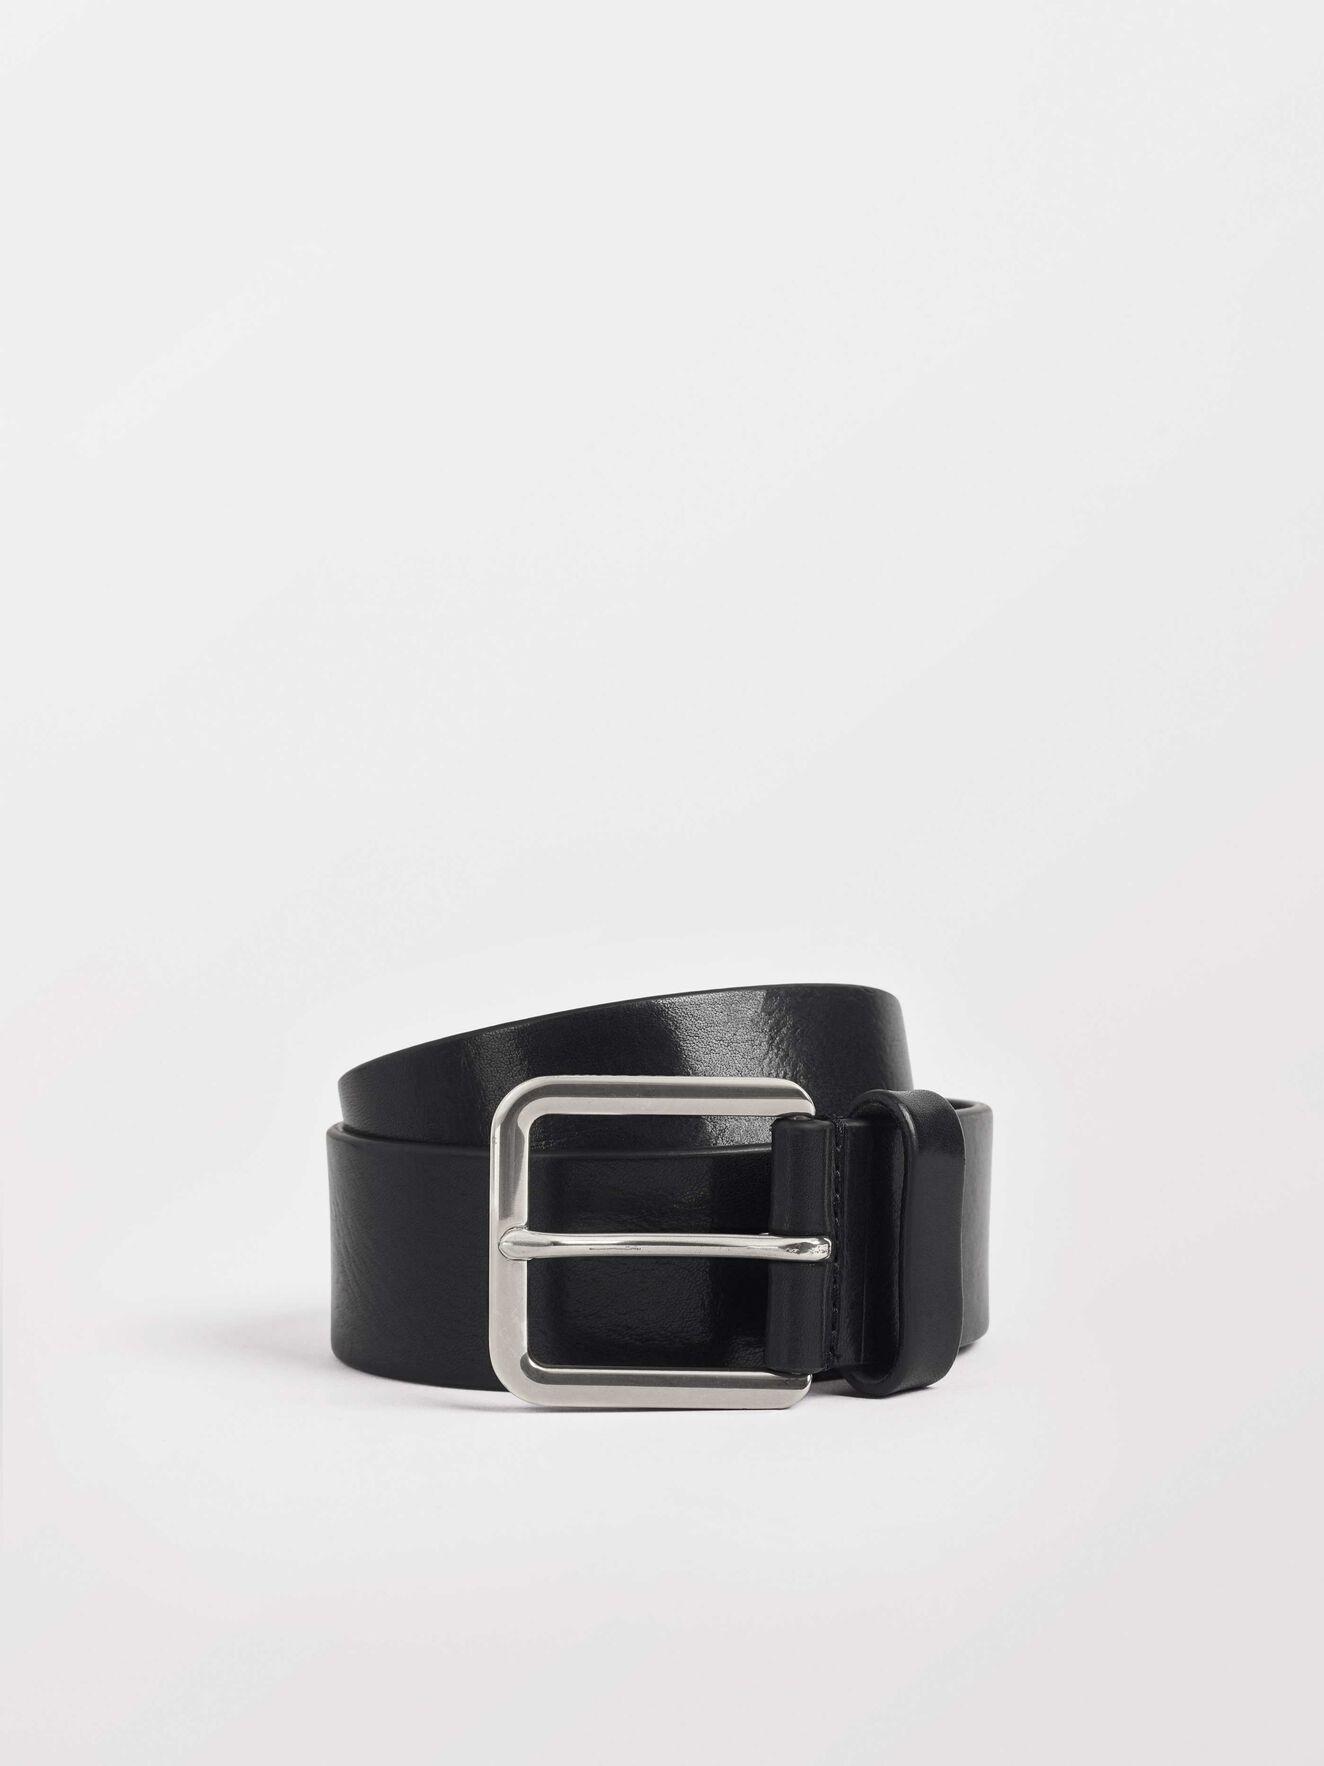 Barrent Belt in Black from Tiger of Sweden